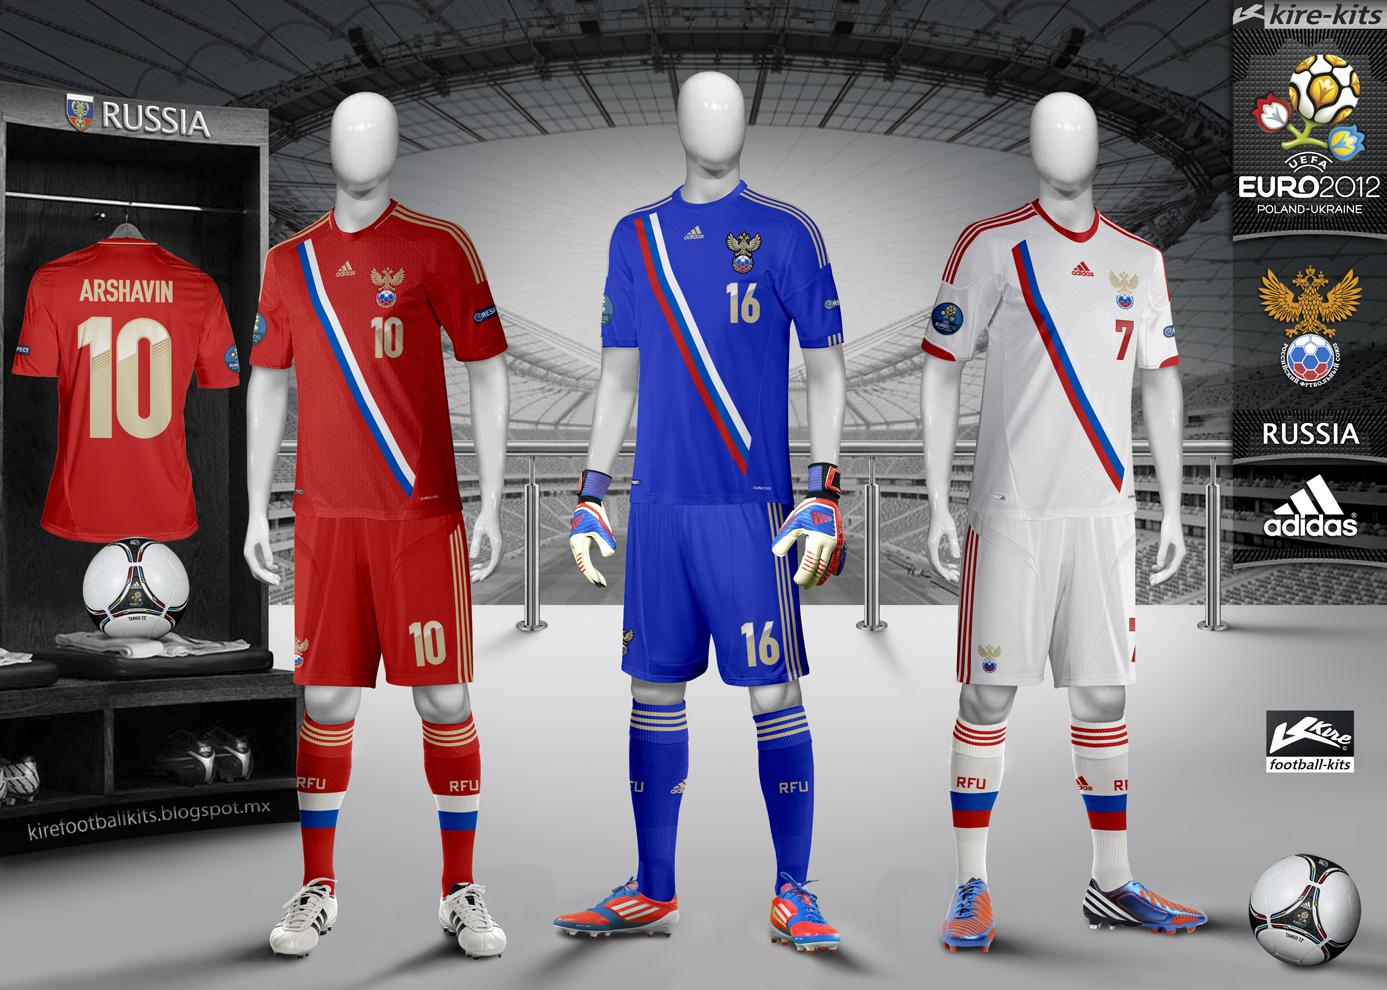 http://4.bp.blogspot.com/-ksX5ESo5YQQ/UEVrkhgcEQI/AAAAAAAAATA/OAwfpfBhStA/s1600/russia+kits+euro+2012.jpg